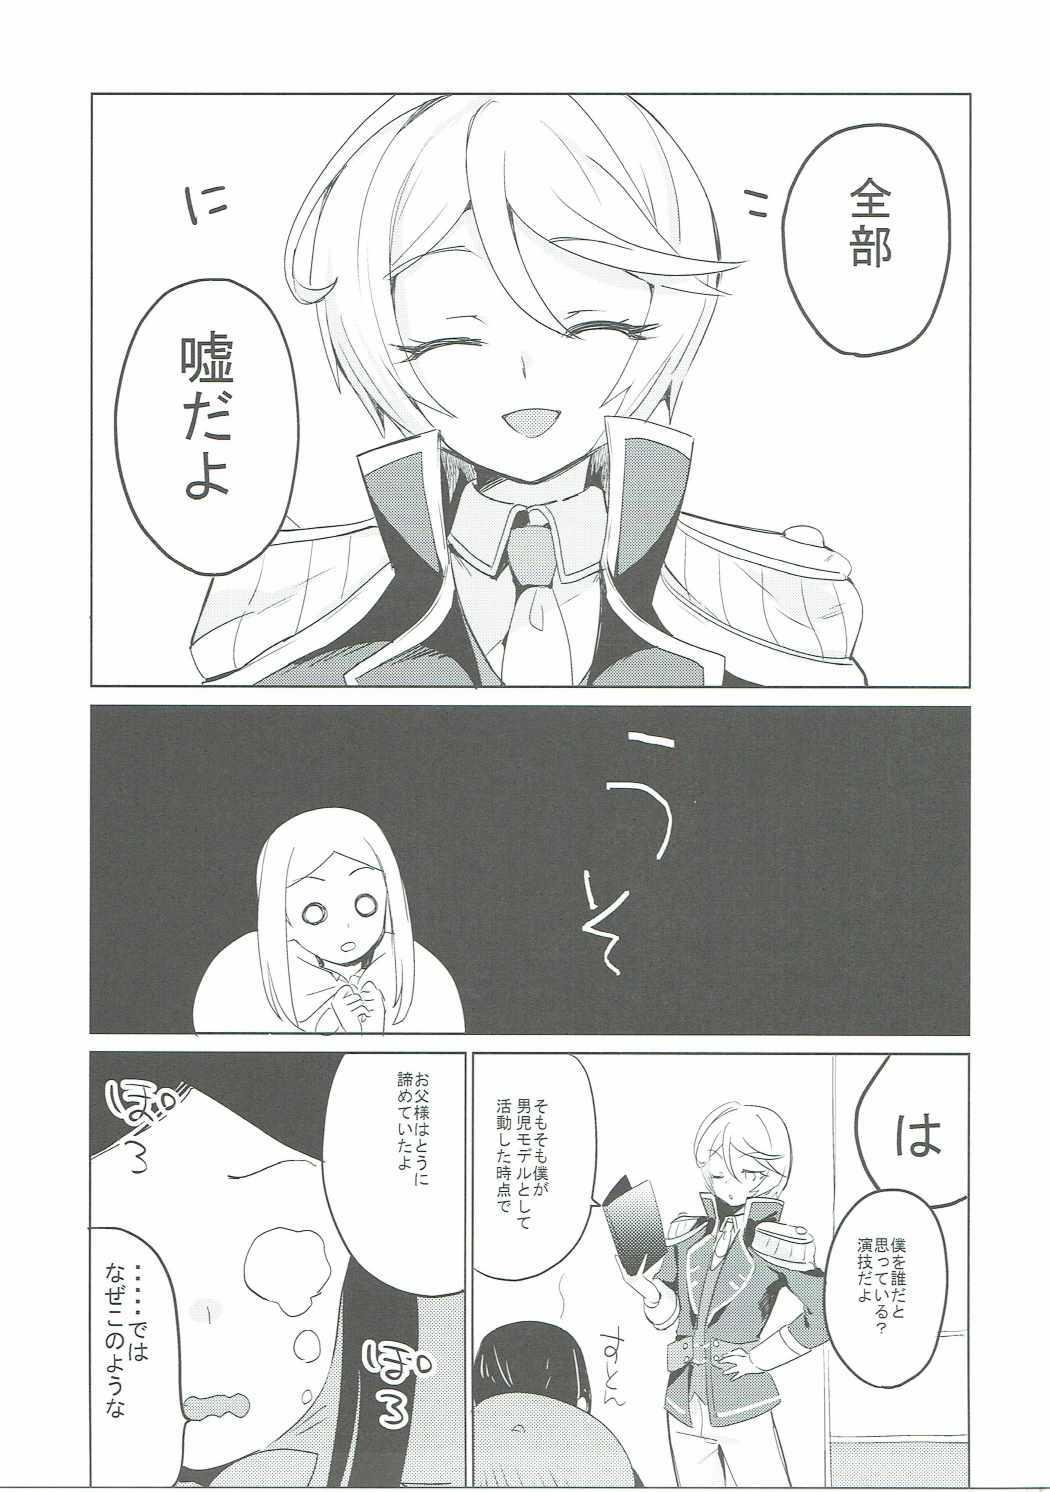 Soshitara Zenbu Yurushite Yaru 29